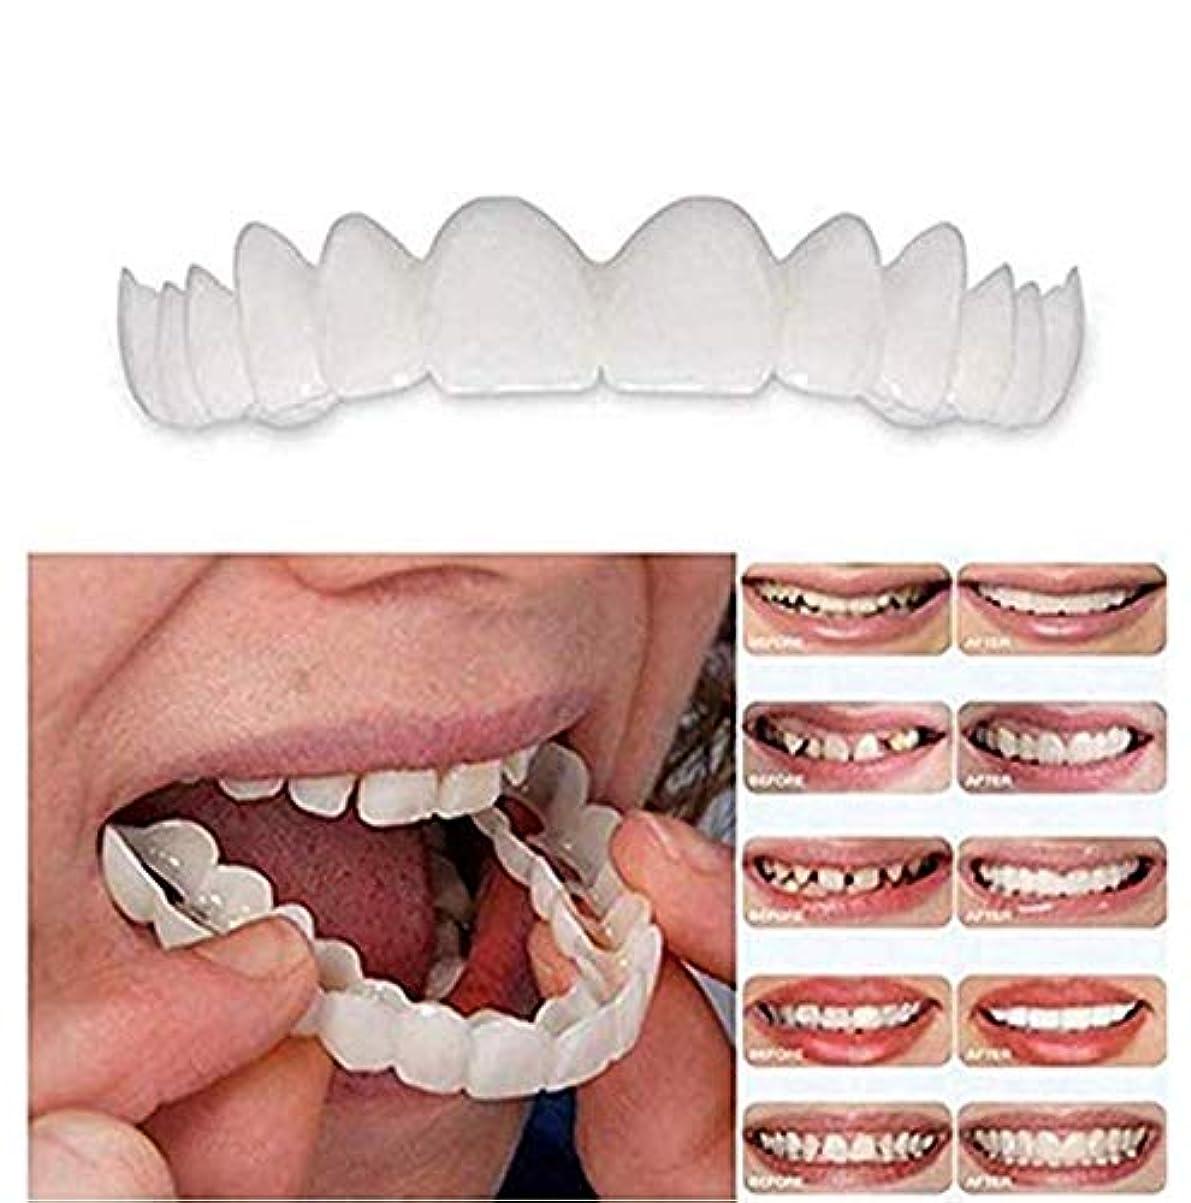 幻滅蓄積するアベニュー14セットの再利用可能な歯カバー歯科用アクセサリー用の調節可能なソフト漂白偽歯科義歯